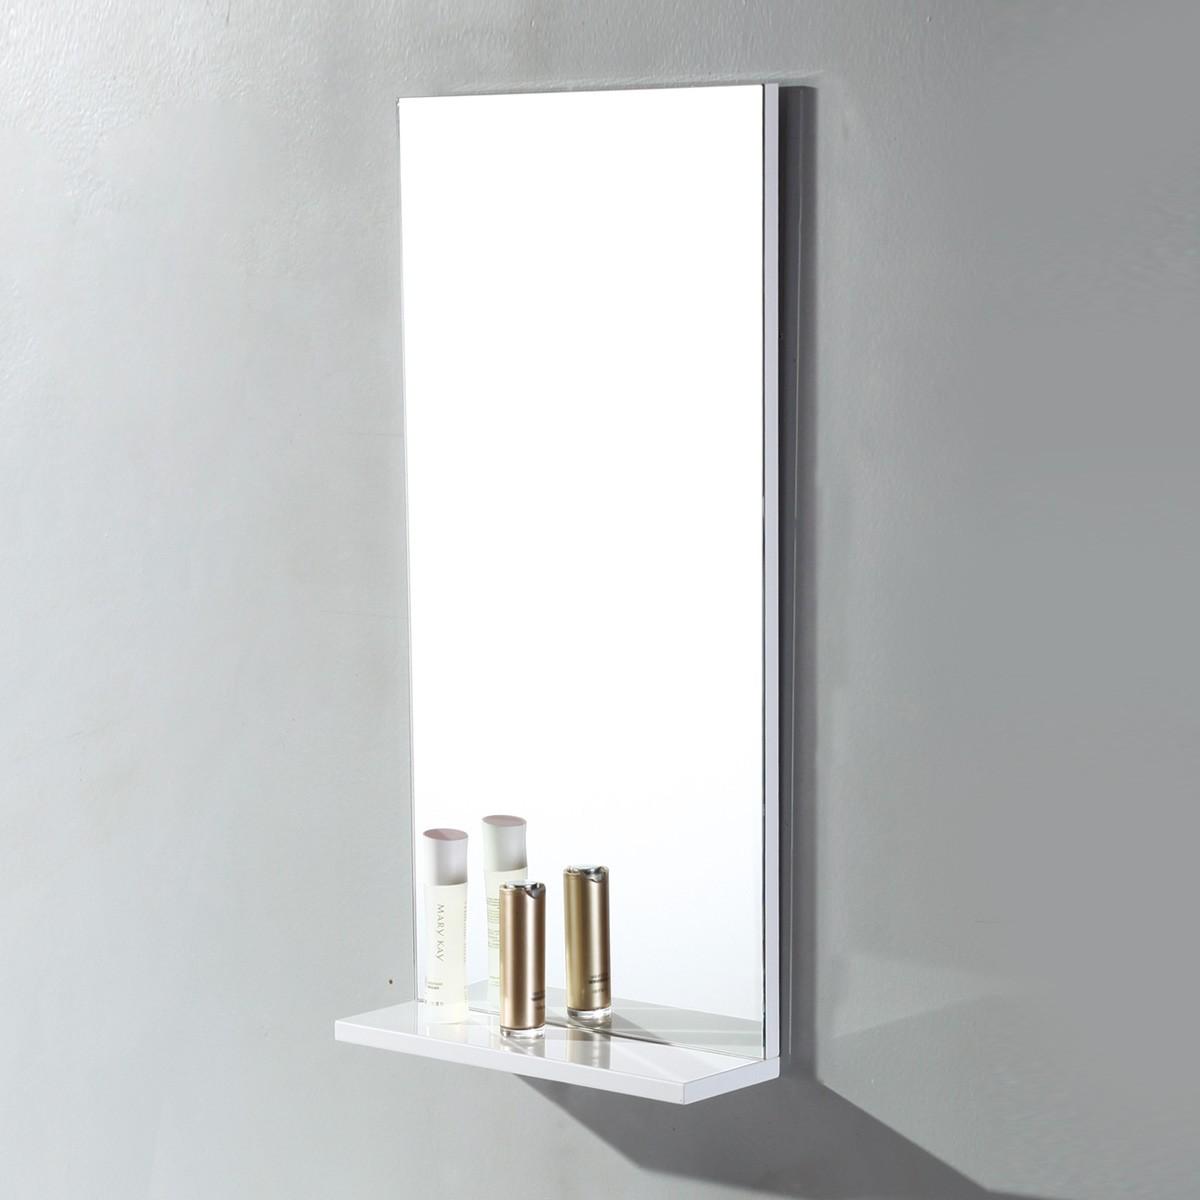 16 x 32 po Miroir pour vanité salle de bain avec étagère (MS400A-M)